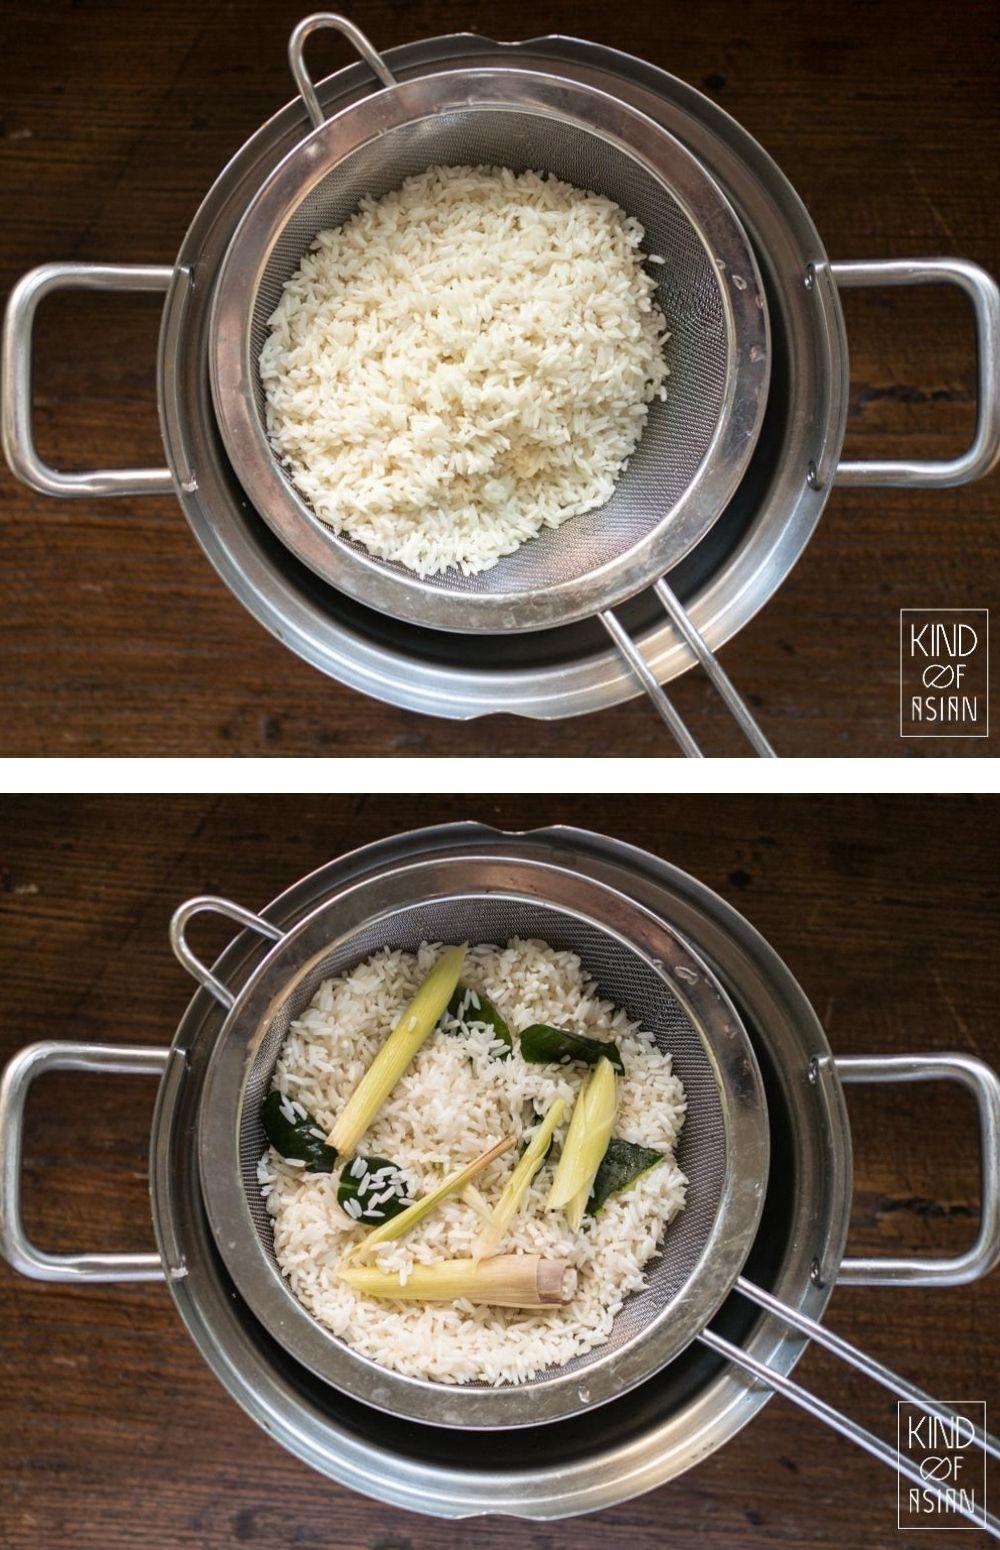 Thaise kleefrijst, ook wel sticky rice genoemd, is geurig, chewy en fluffy. En helemaal niet zo kleverig als de naam doet vermoeden. Ik leg je uit hoe je Thaise kleefrijst stoomt, op een makkelijke manier. Zolang je het maar lang genoeg laat weken kan het niet mislukken!